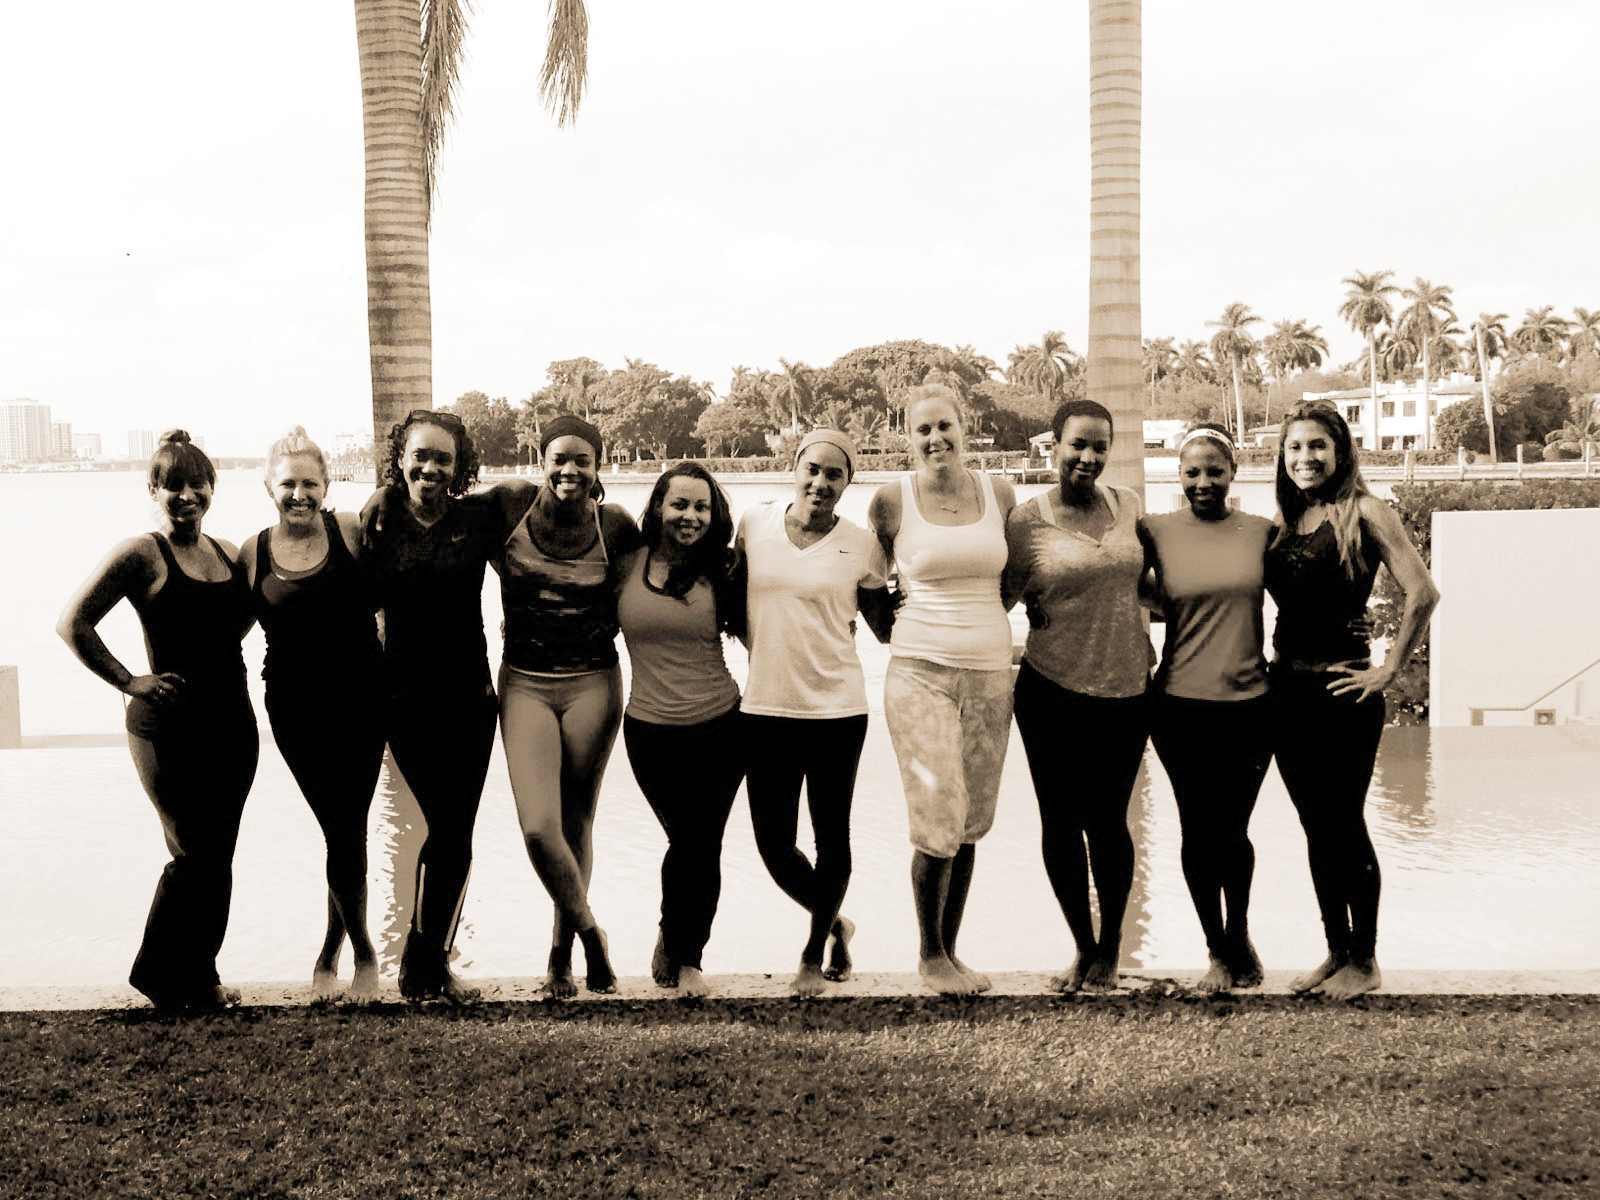 Miami Heat Wives & Girlfriends Bond Over Yoga Articl  e     ( Click On the Picture )